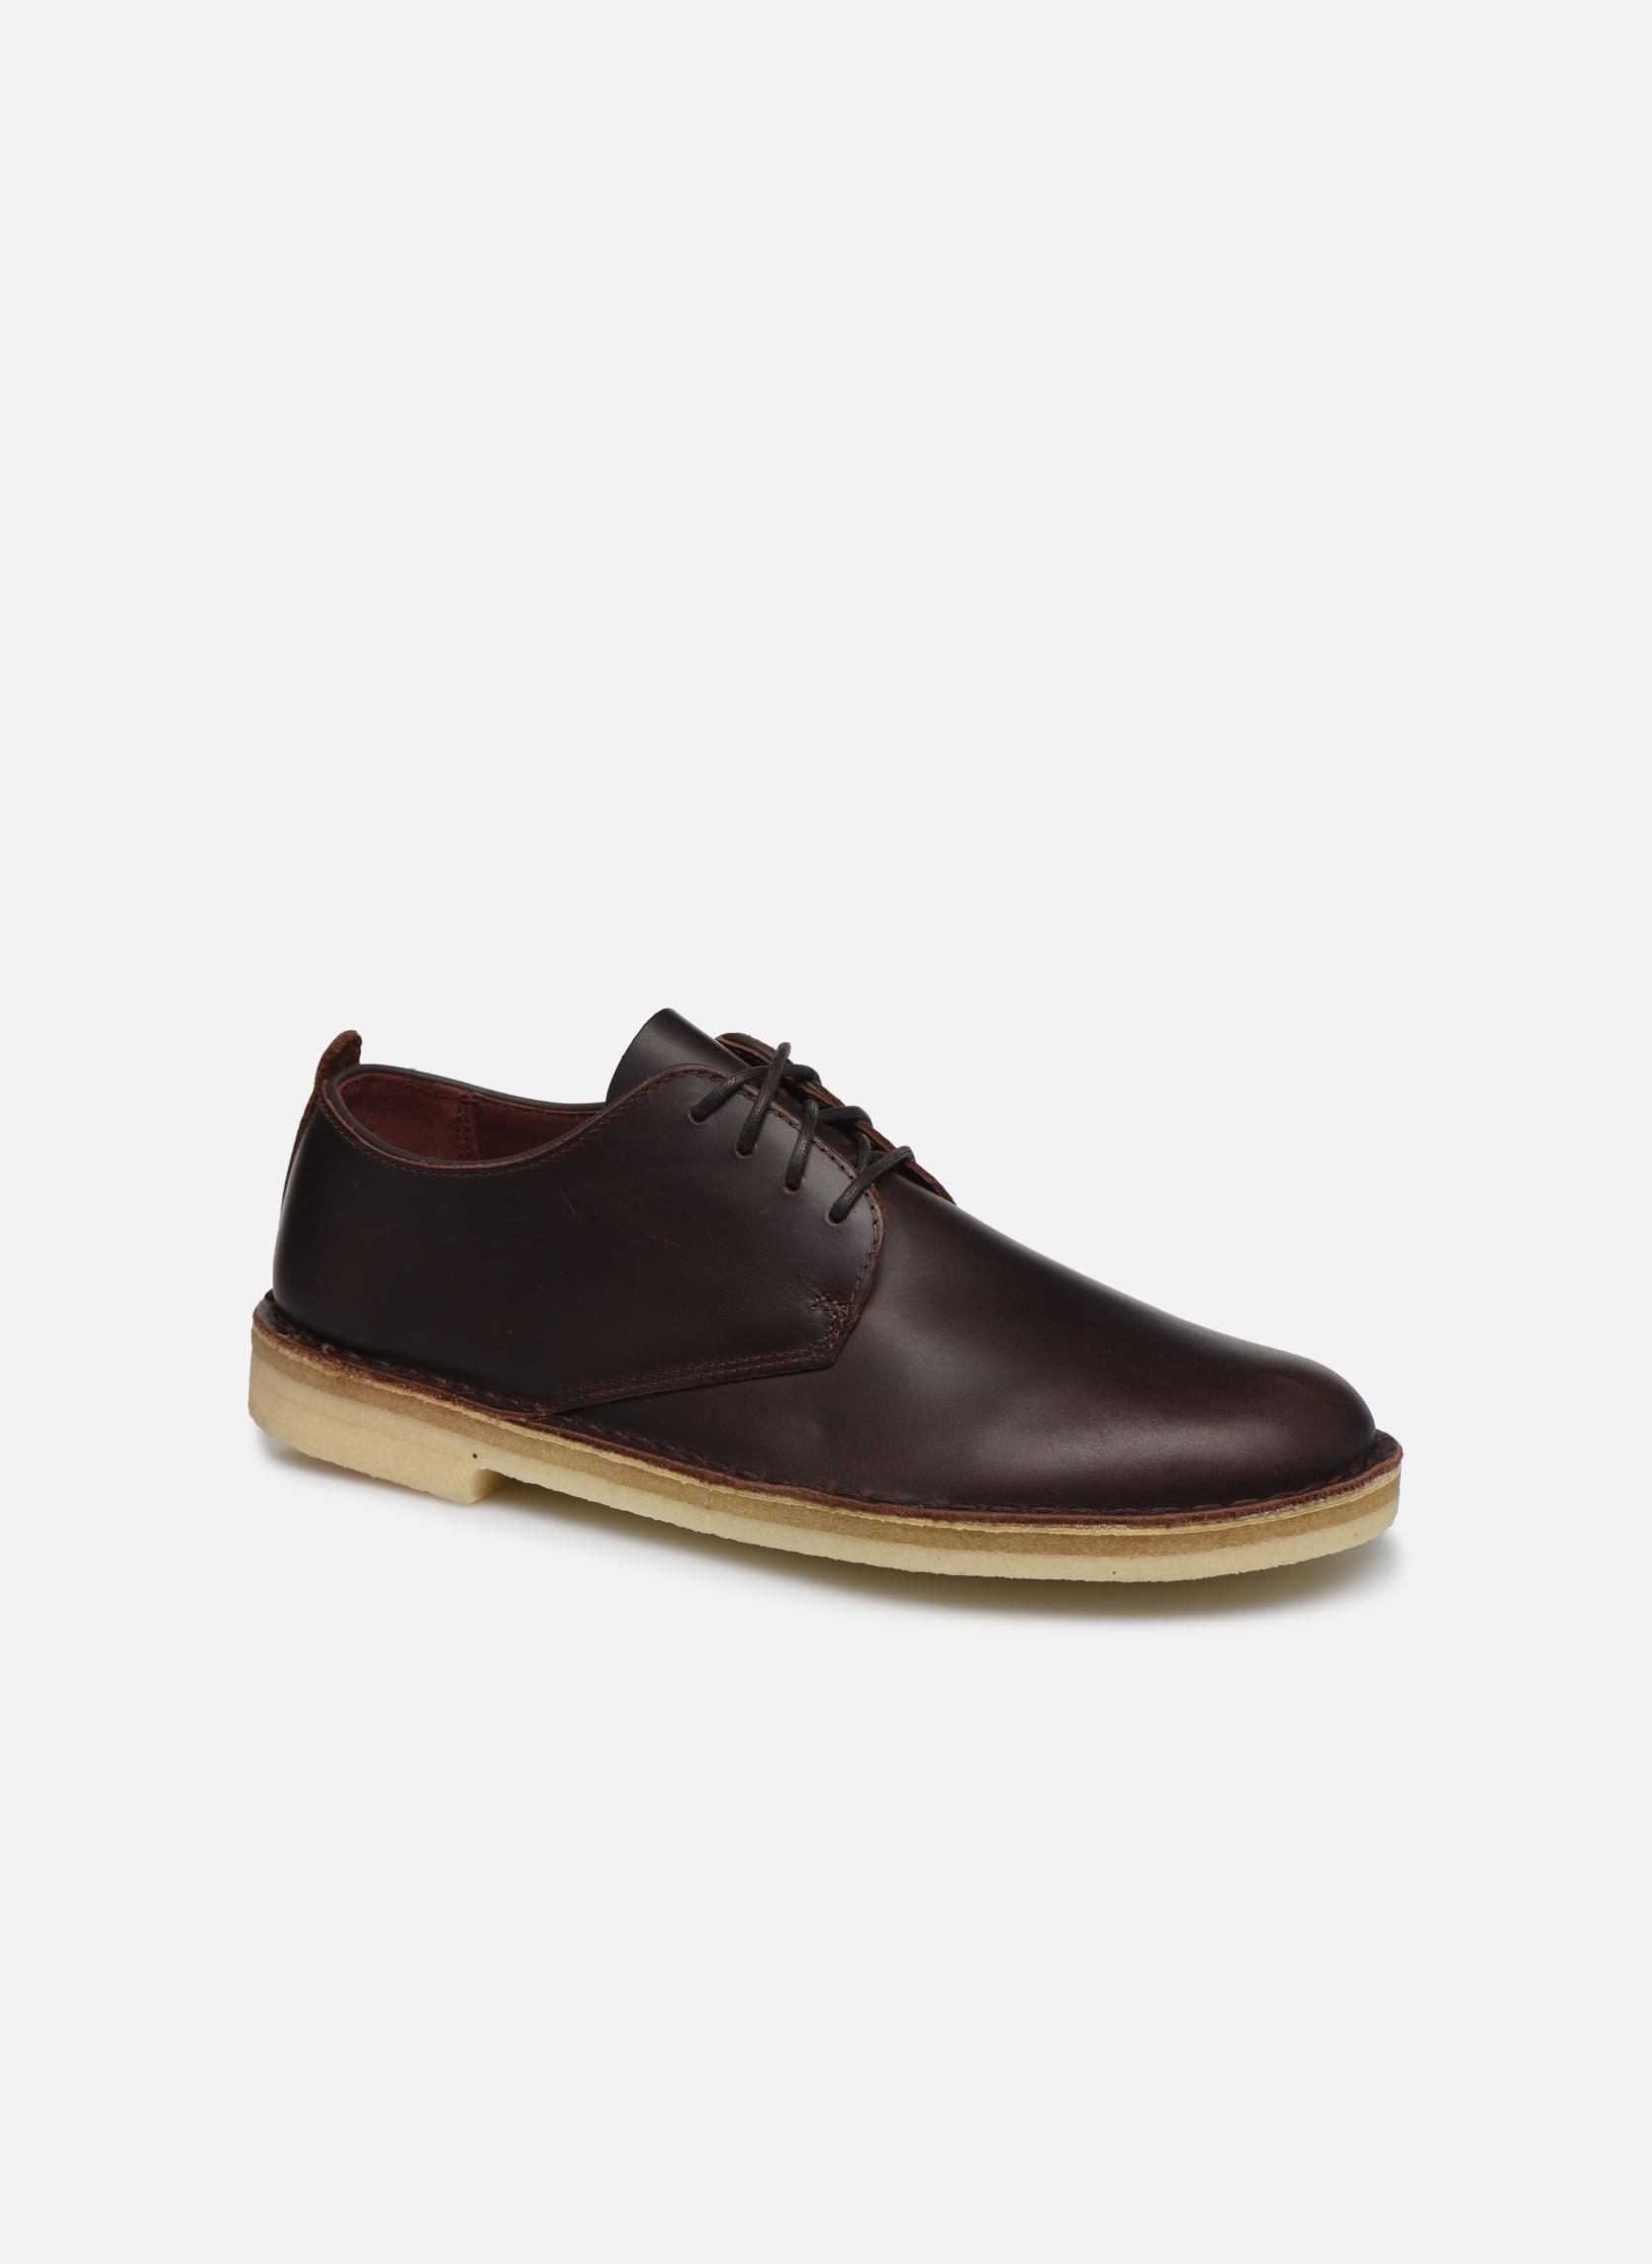 Clarks Originals Desert London (Marron) - Chaussures à lacets chez Sarenza (327287)